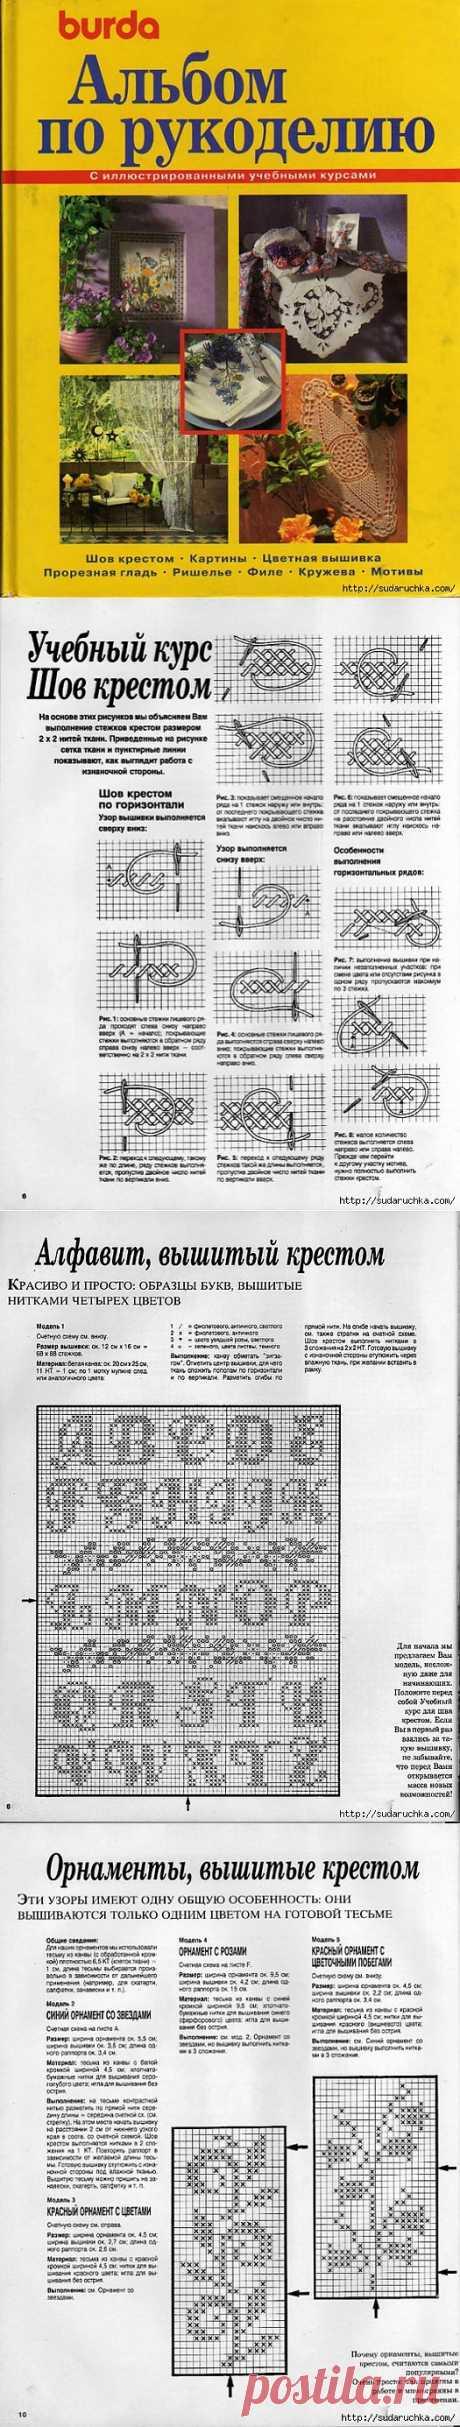 """""""Альбом по рукоделию Burda"""". Журнал по вышивке и вязанию.."""